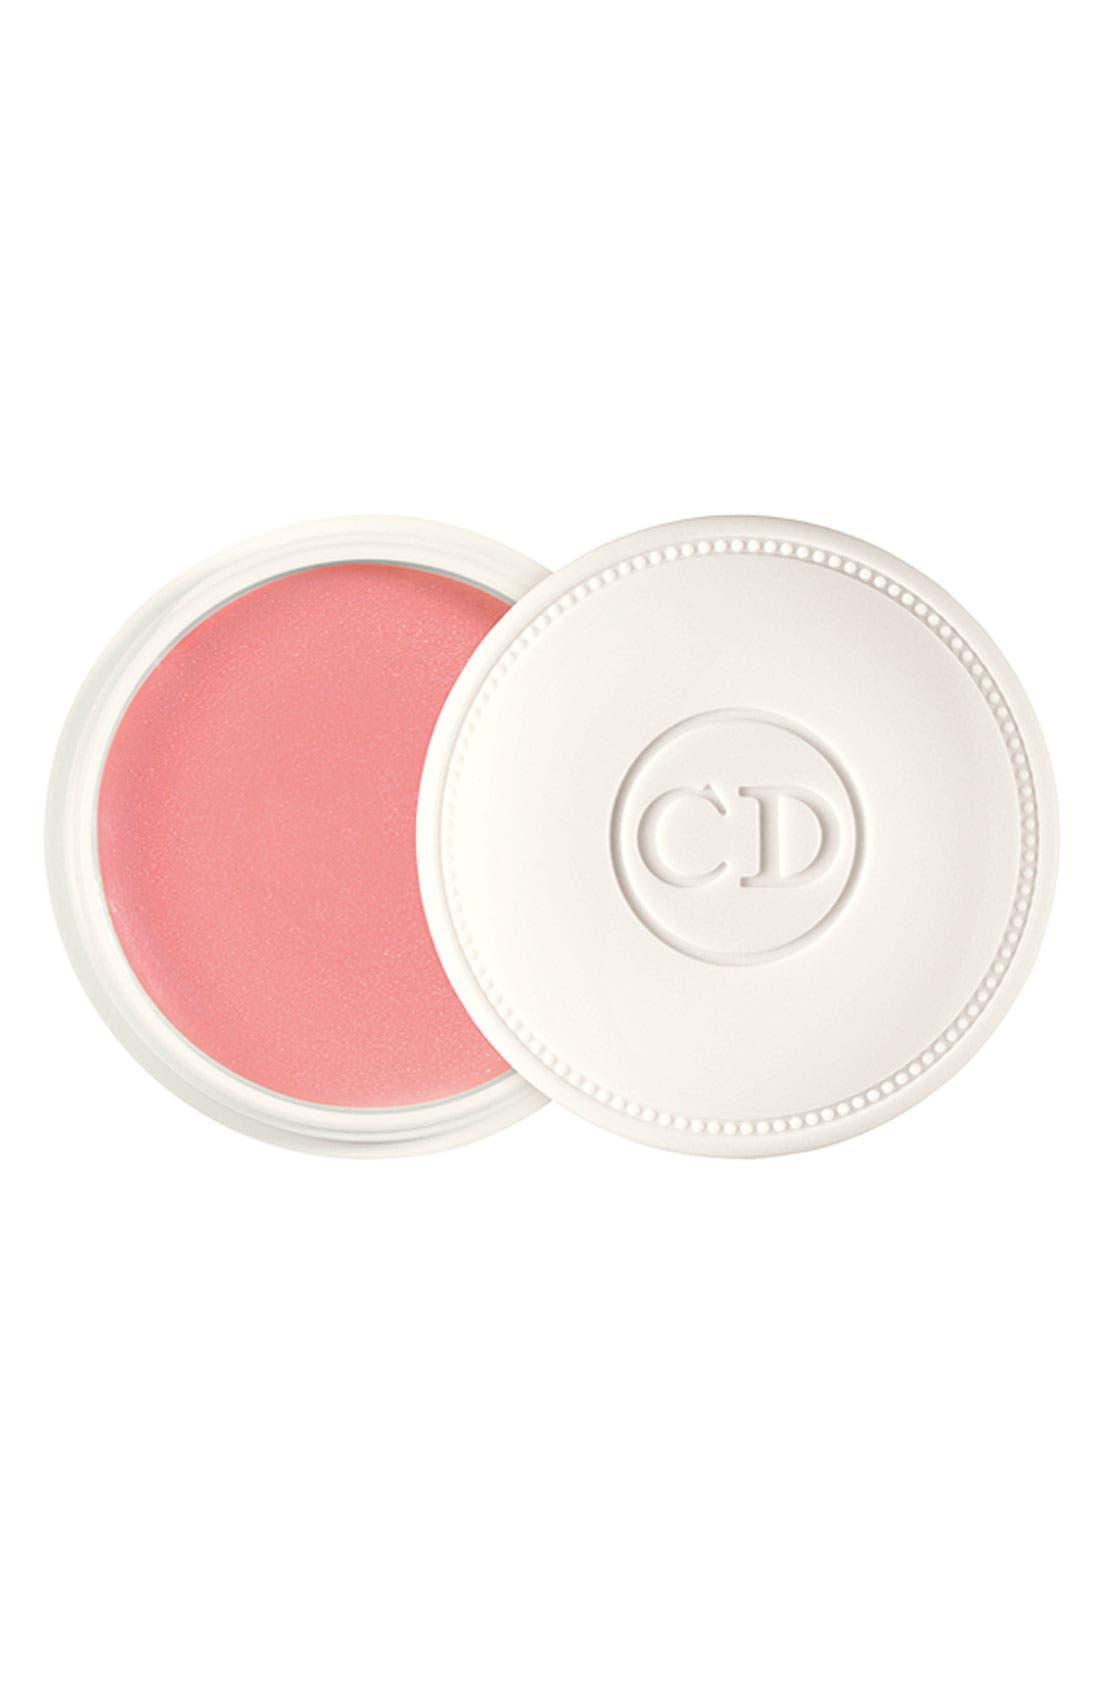 DIOR, 'Crème de Rose' Smoothing Plumping Lip Balm SPF 10, Main thumbnail 1, color, 000